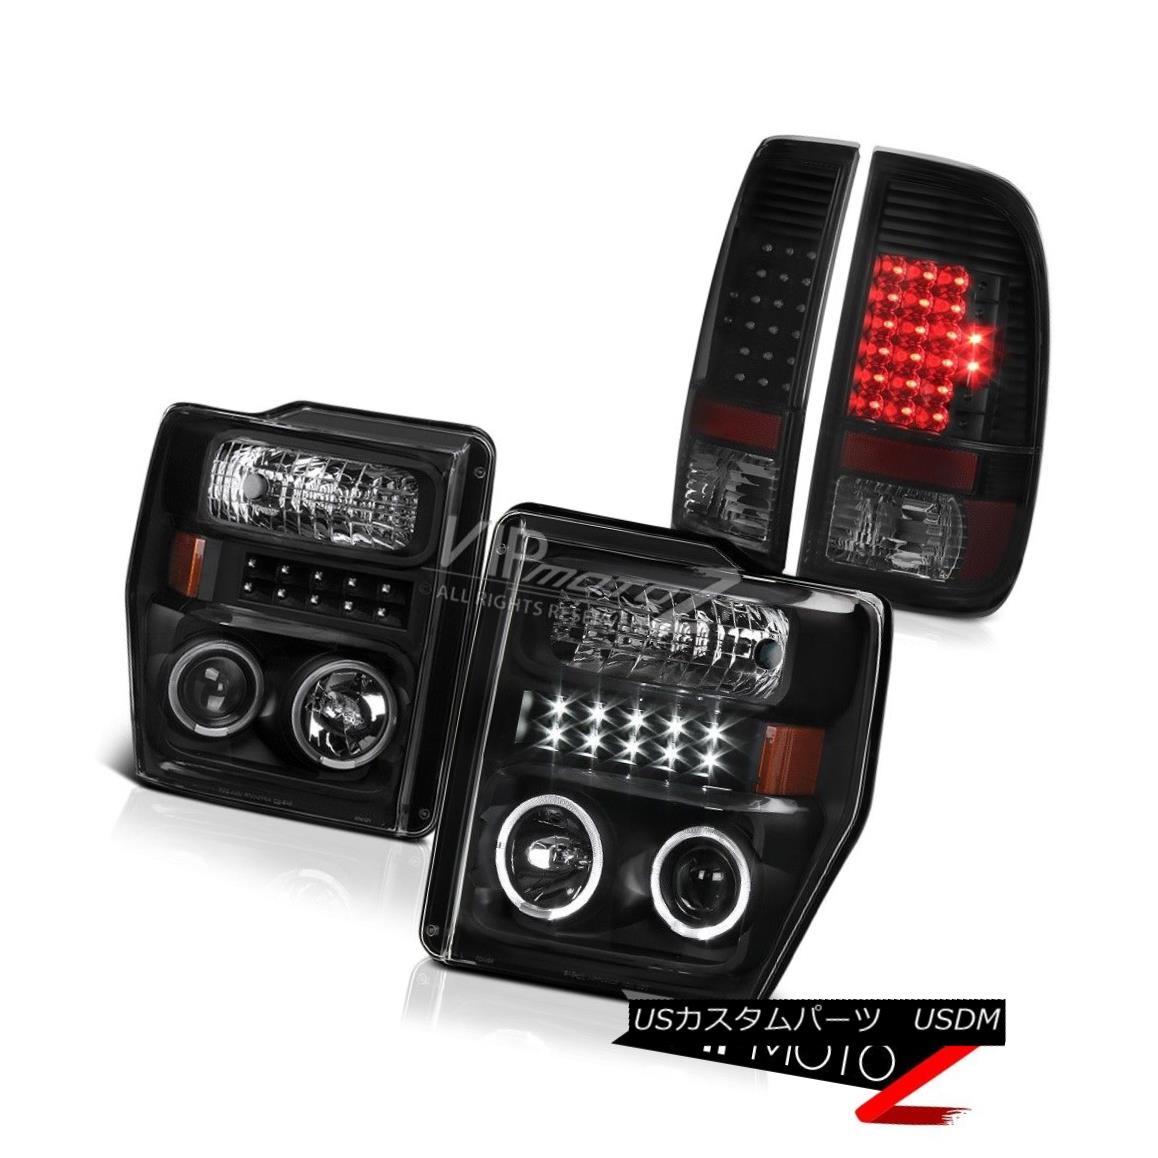 テールライト 08 09 10 Ford F250 F350 F450 Black Headlights SMD LED Halo LED Tail Lights Lamps 08 09 10 Ford F250 F350 F450ブラックヘッドライトSMD LED Halo LEDテールライトランプ